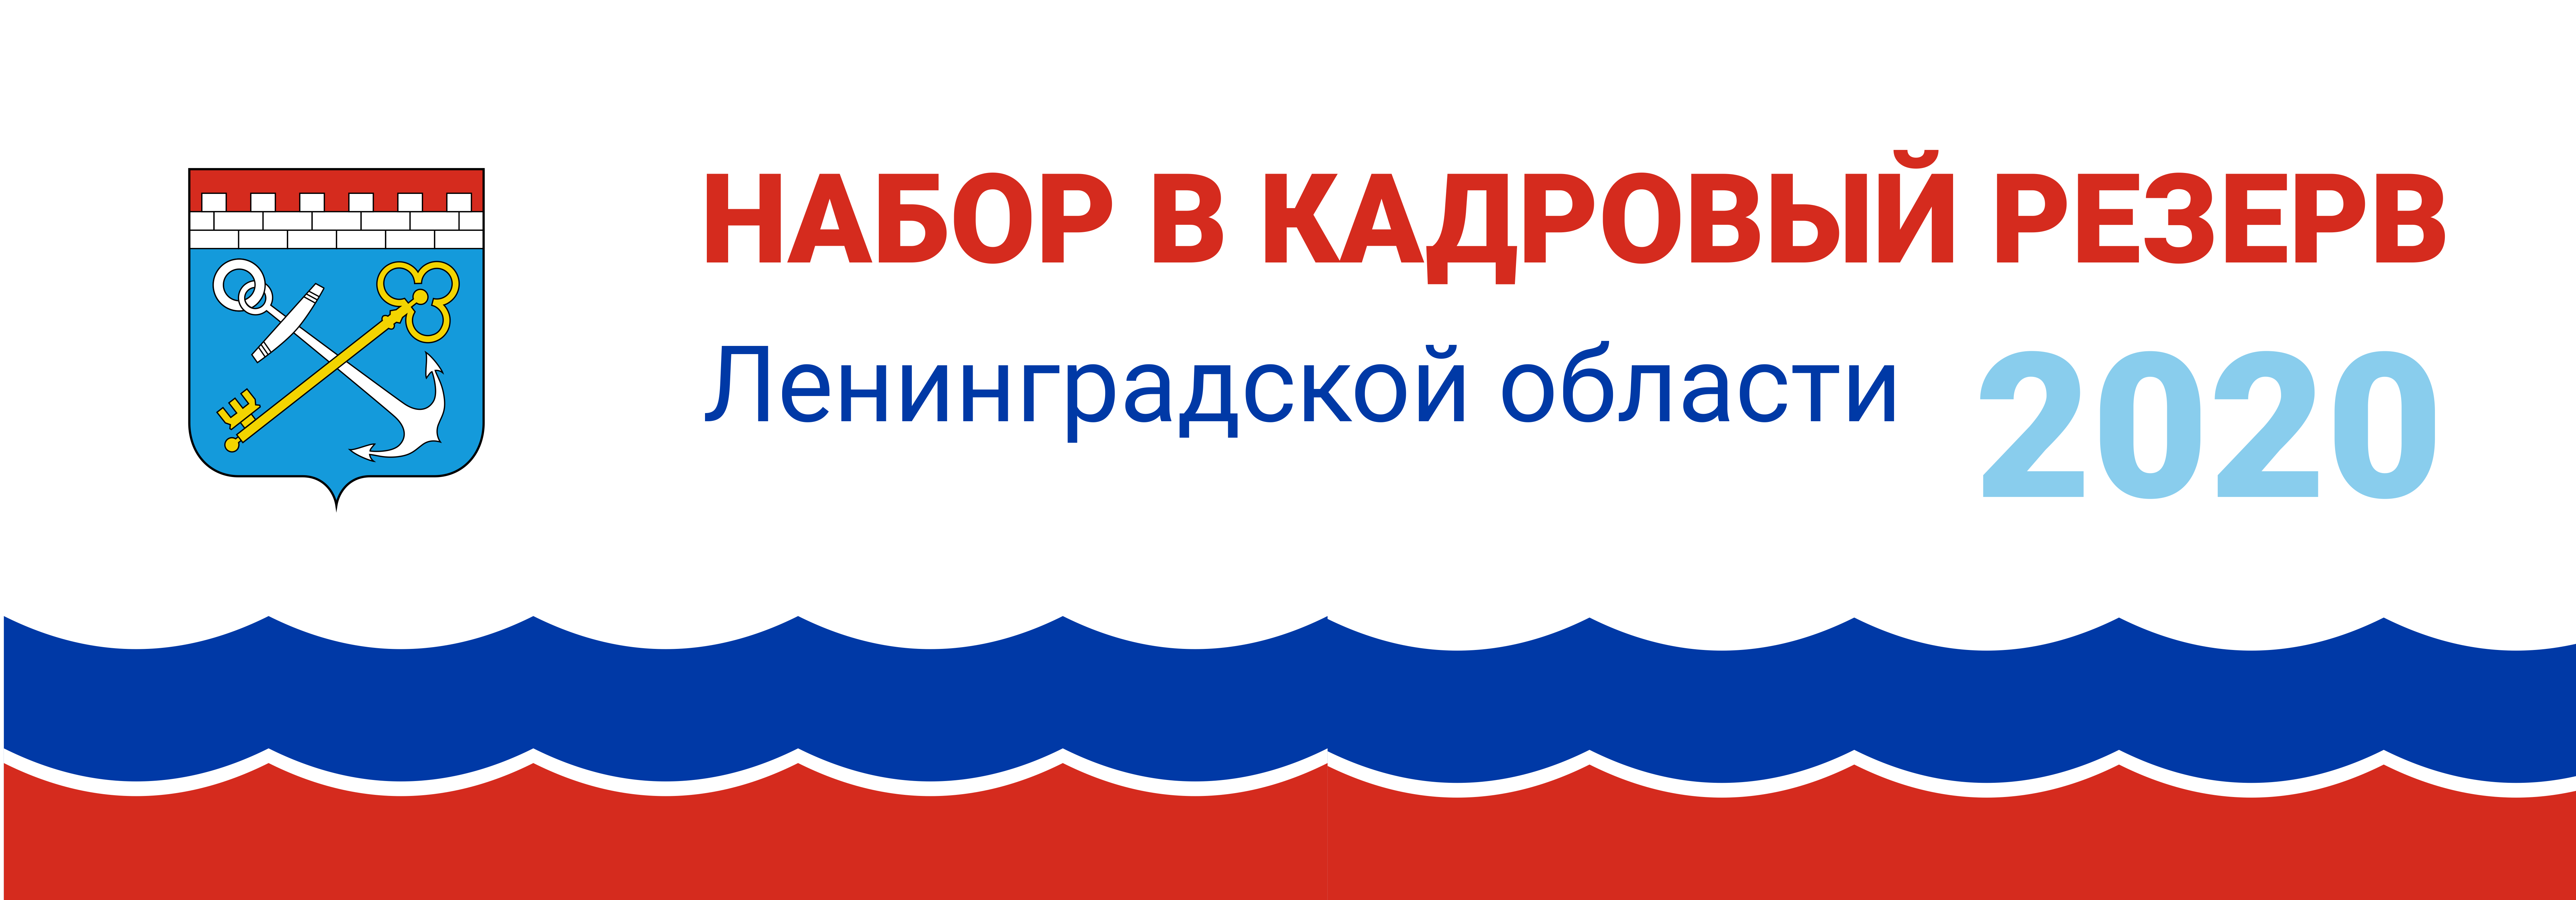 Объявлен набор в резерв управленческих кадров Ленинградской области на 2020 год